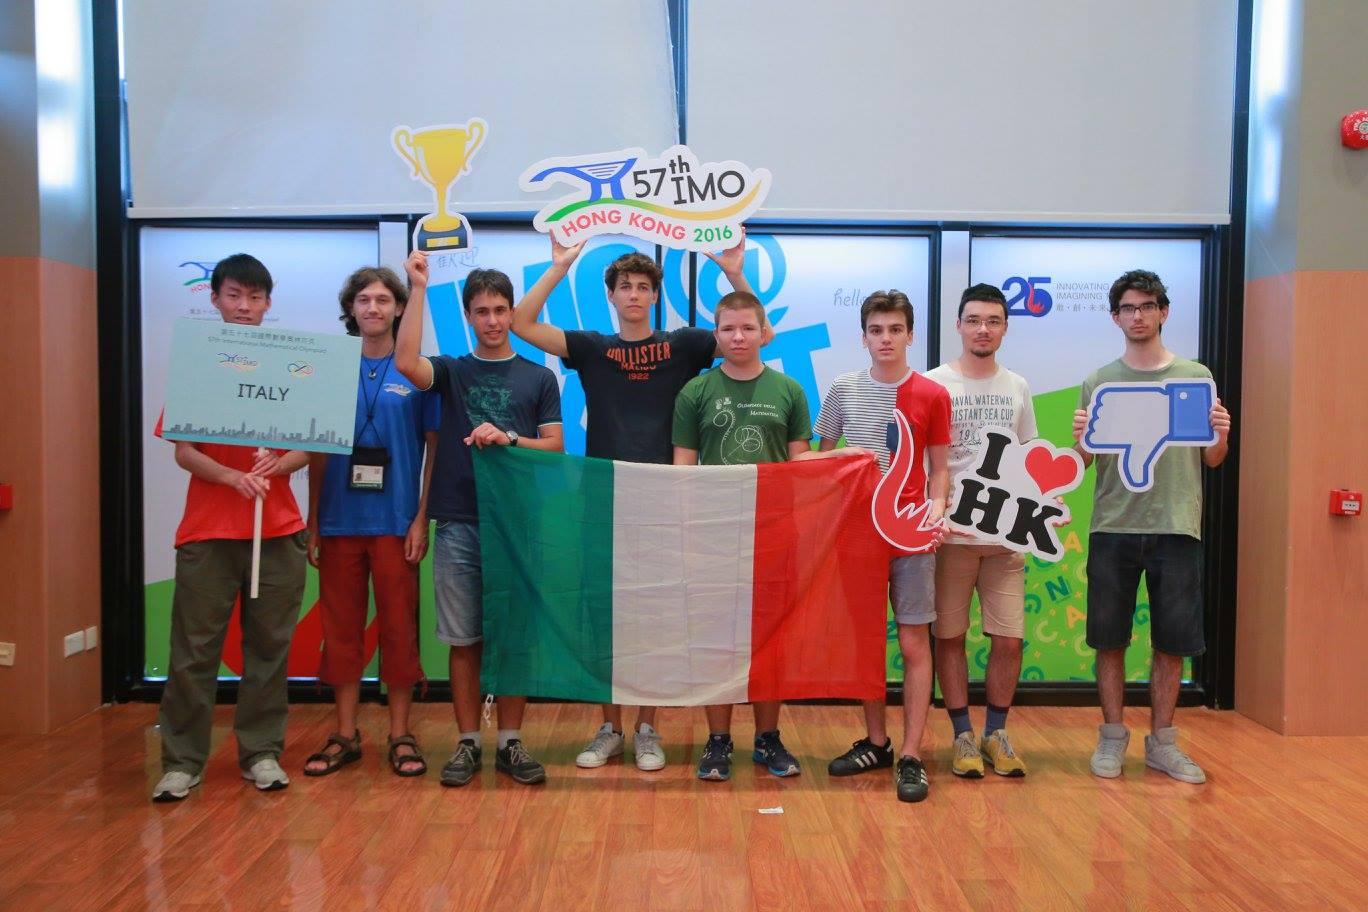 IMO 2016: Diario Olimpico — Parte prima